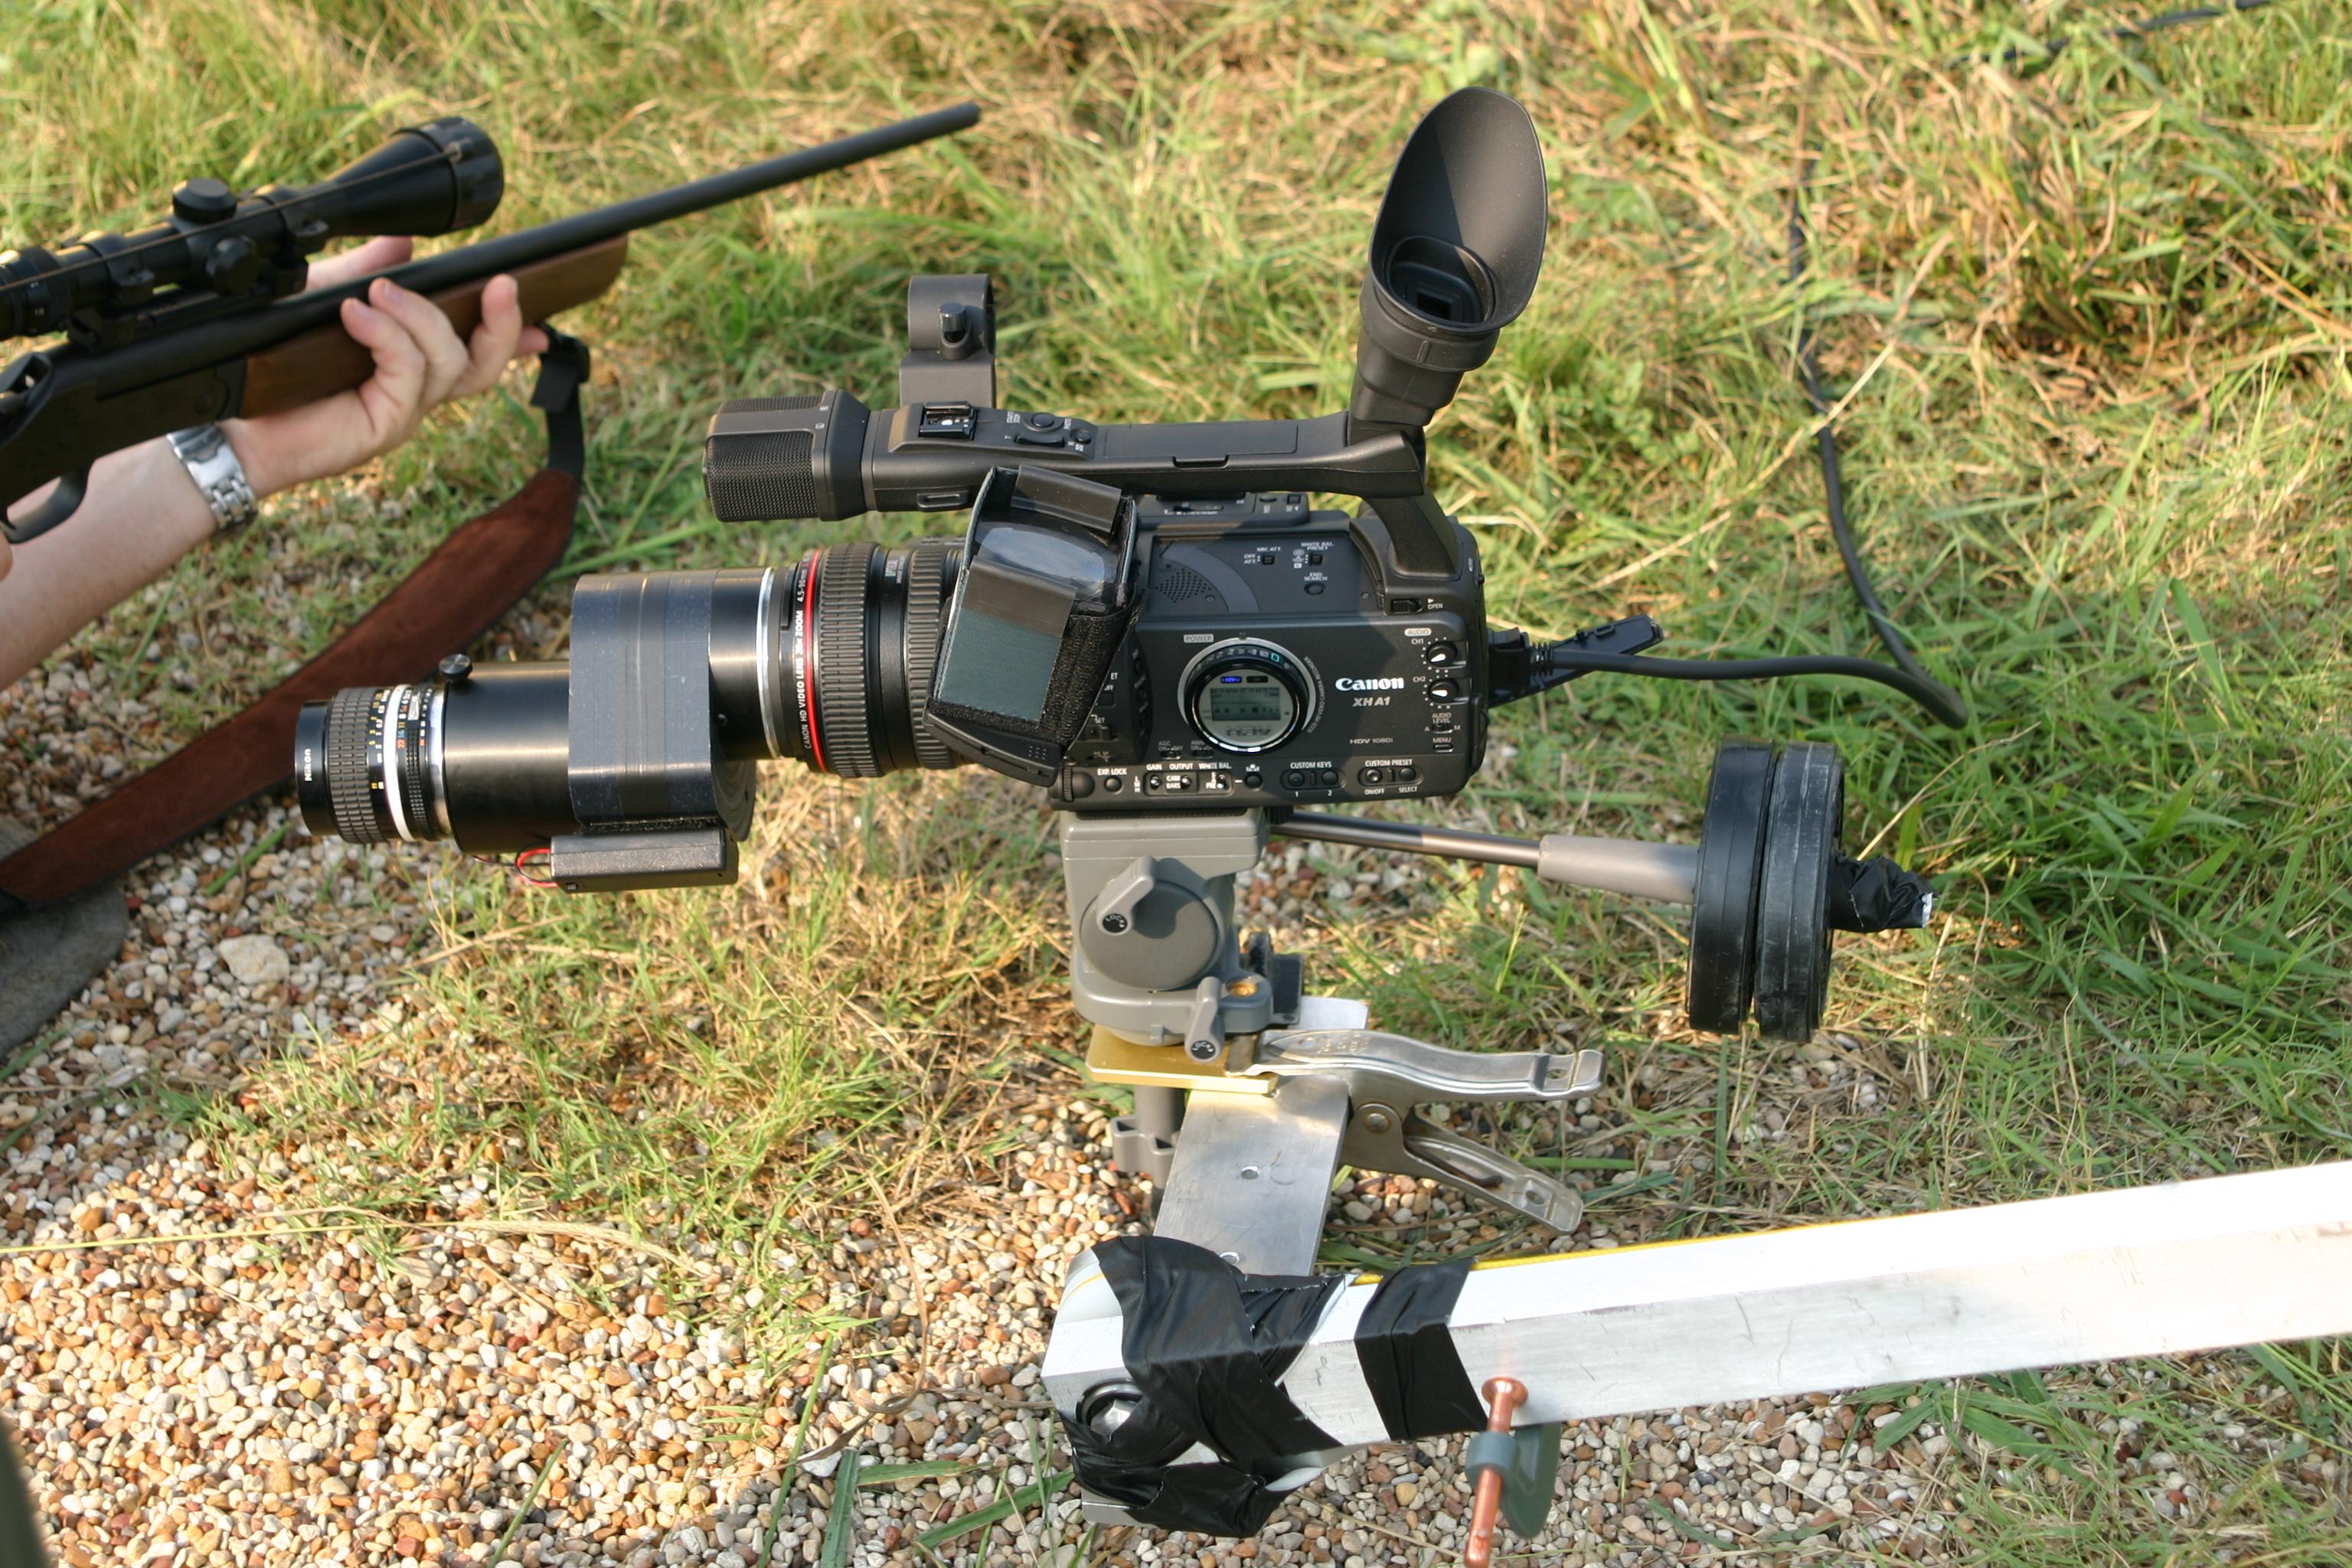 Canon HDV Camera